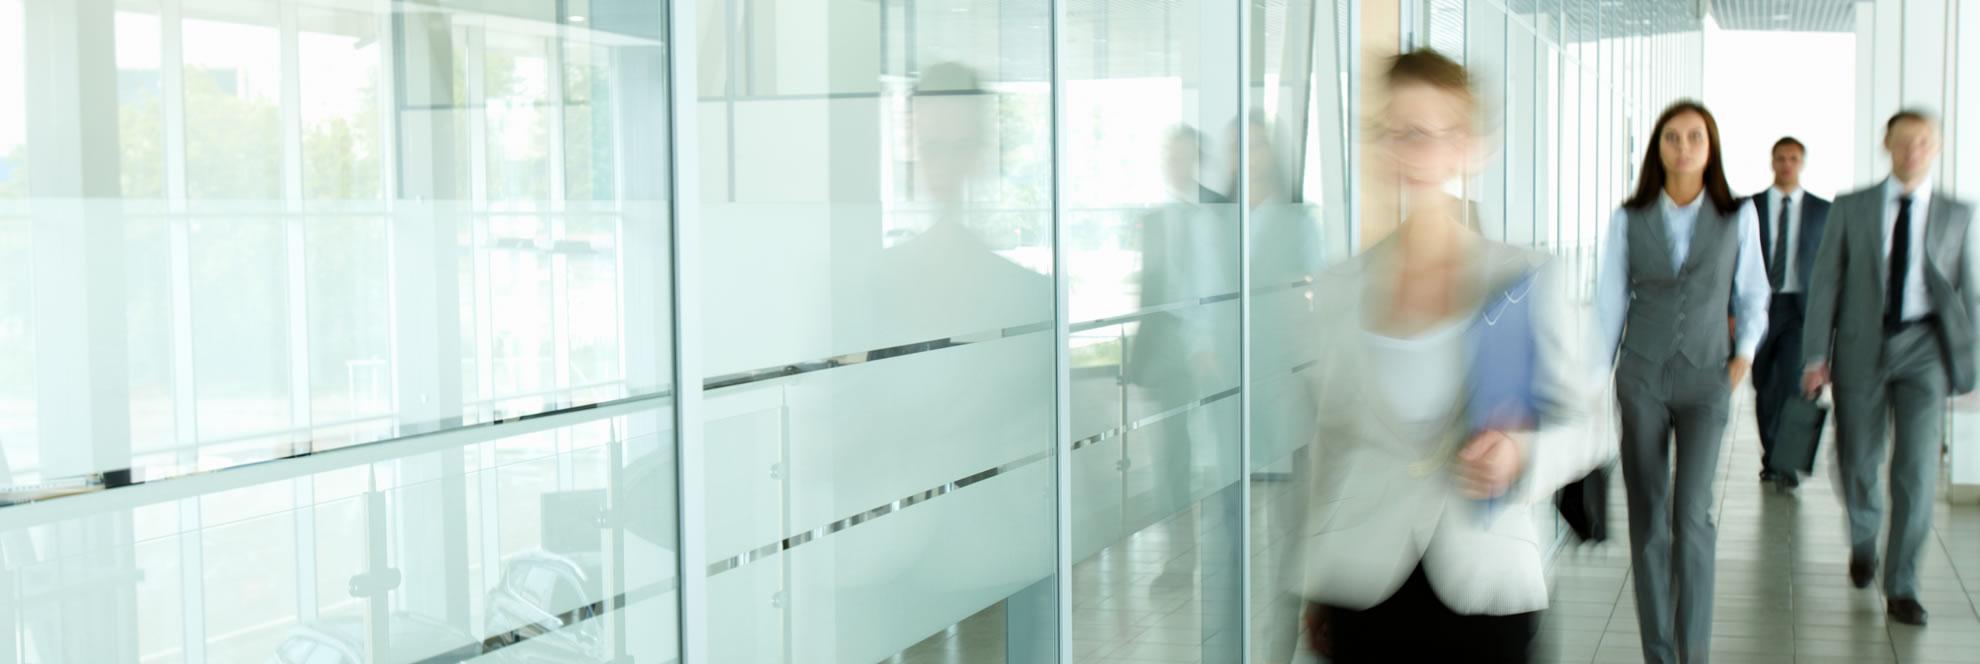 Executive Level Screen